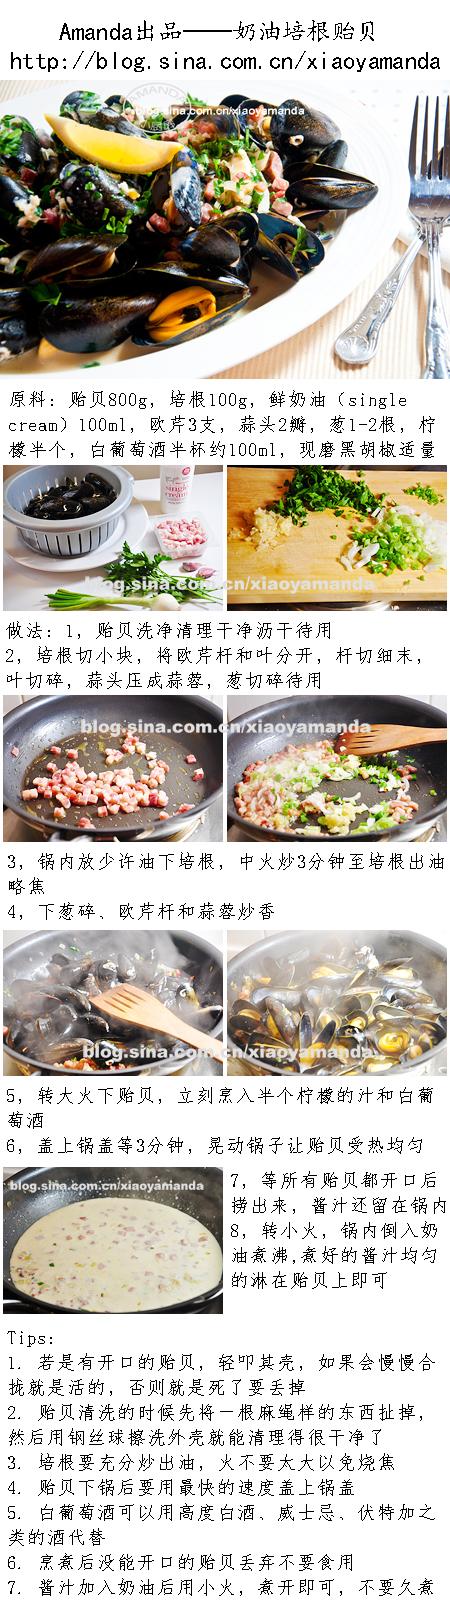 Amanda私房菜——奶油培根贻贝(附9款海鲜精选)